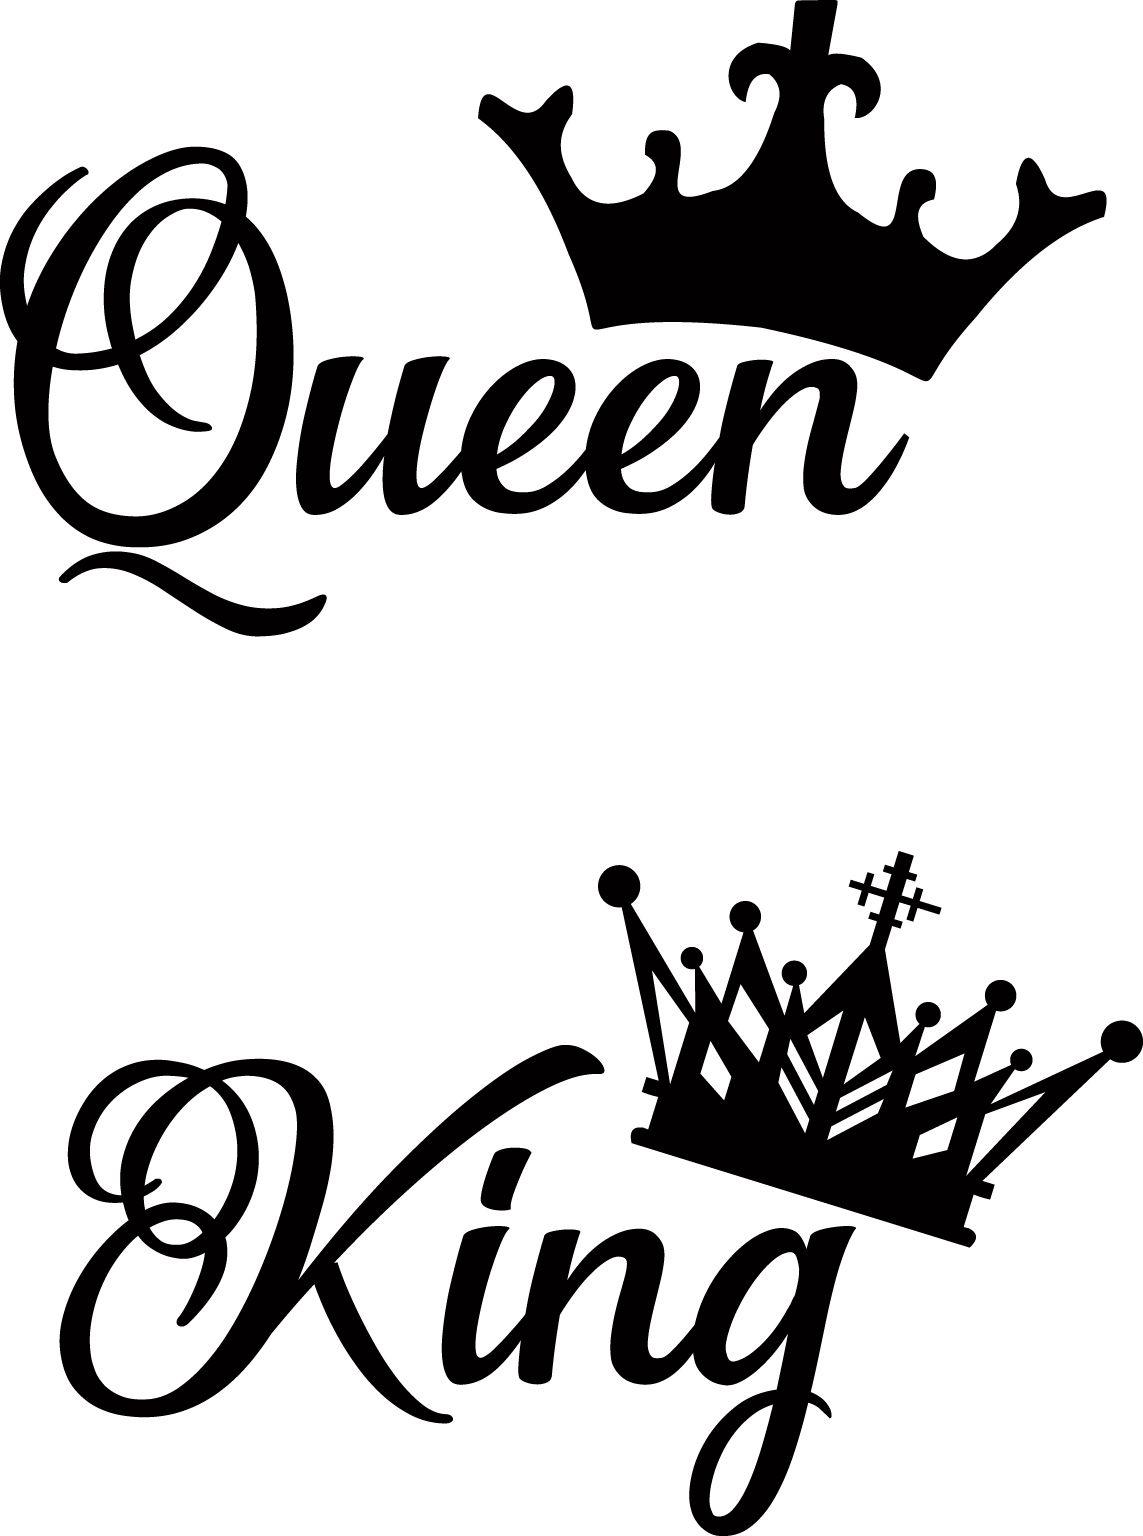 Archivos Compartidos Vectores Queen Y King In